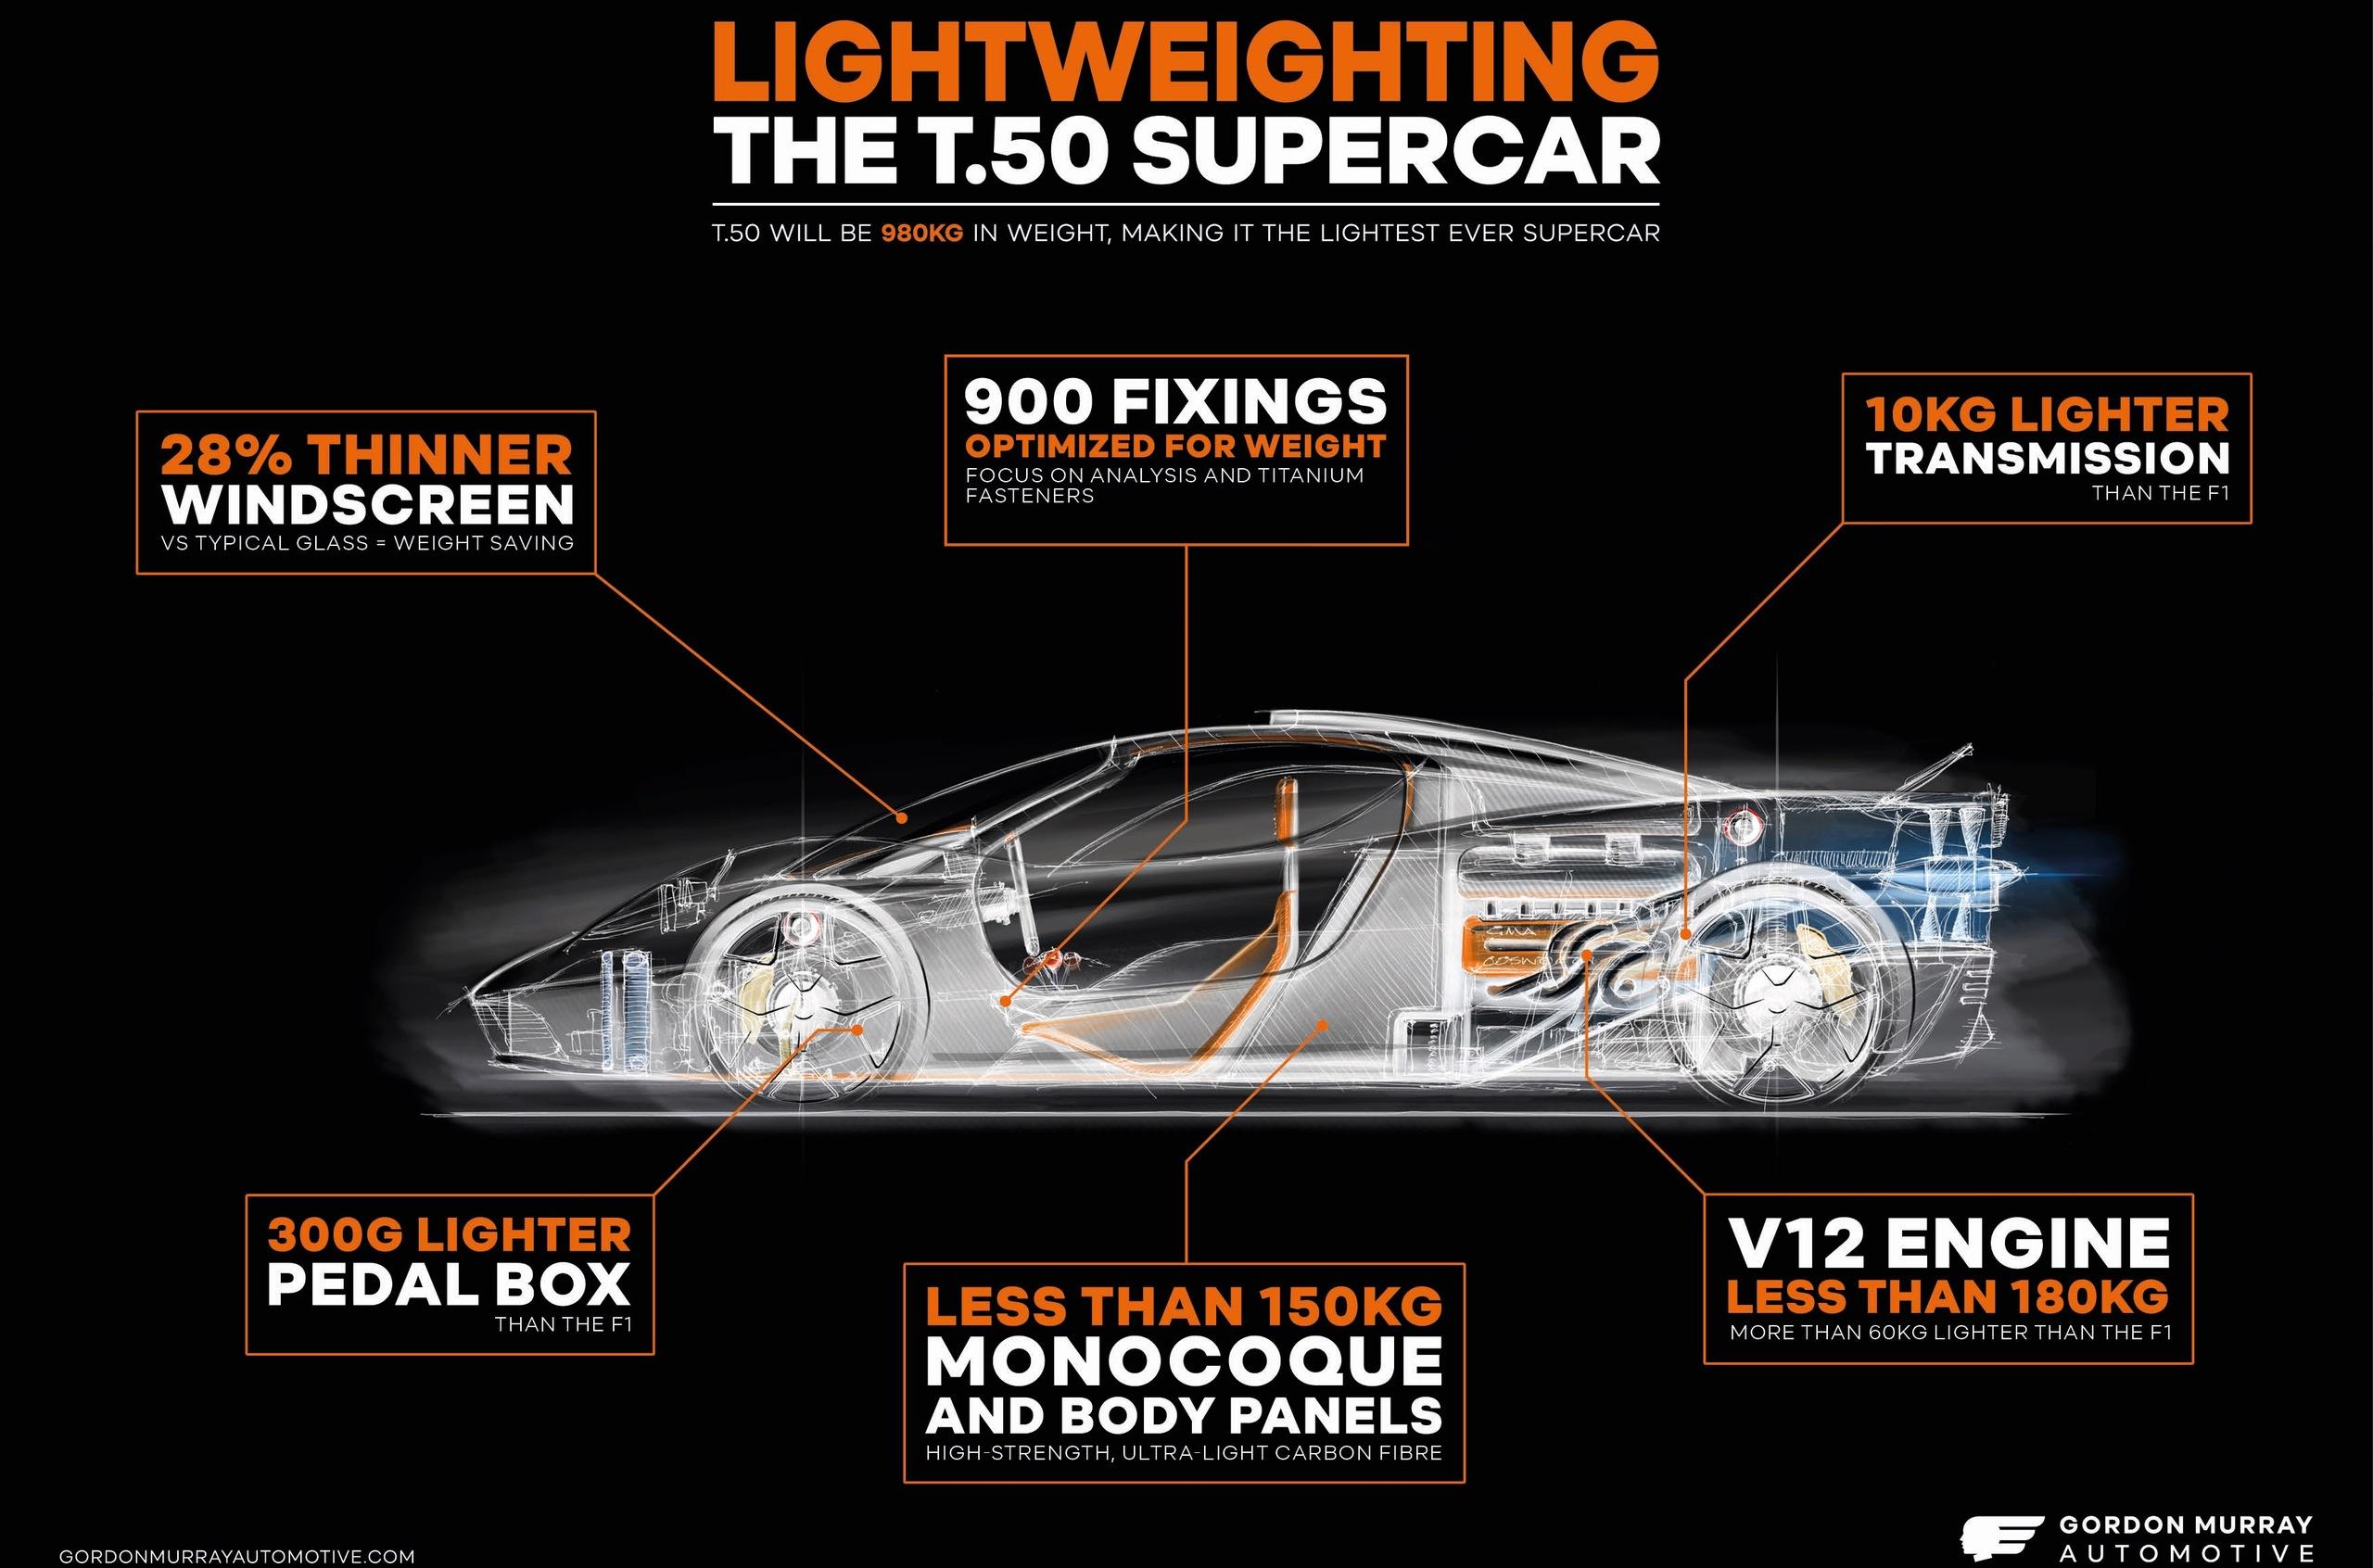 Суперкар от создателя McLaren F1 окажется самым легким среди конкурентов